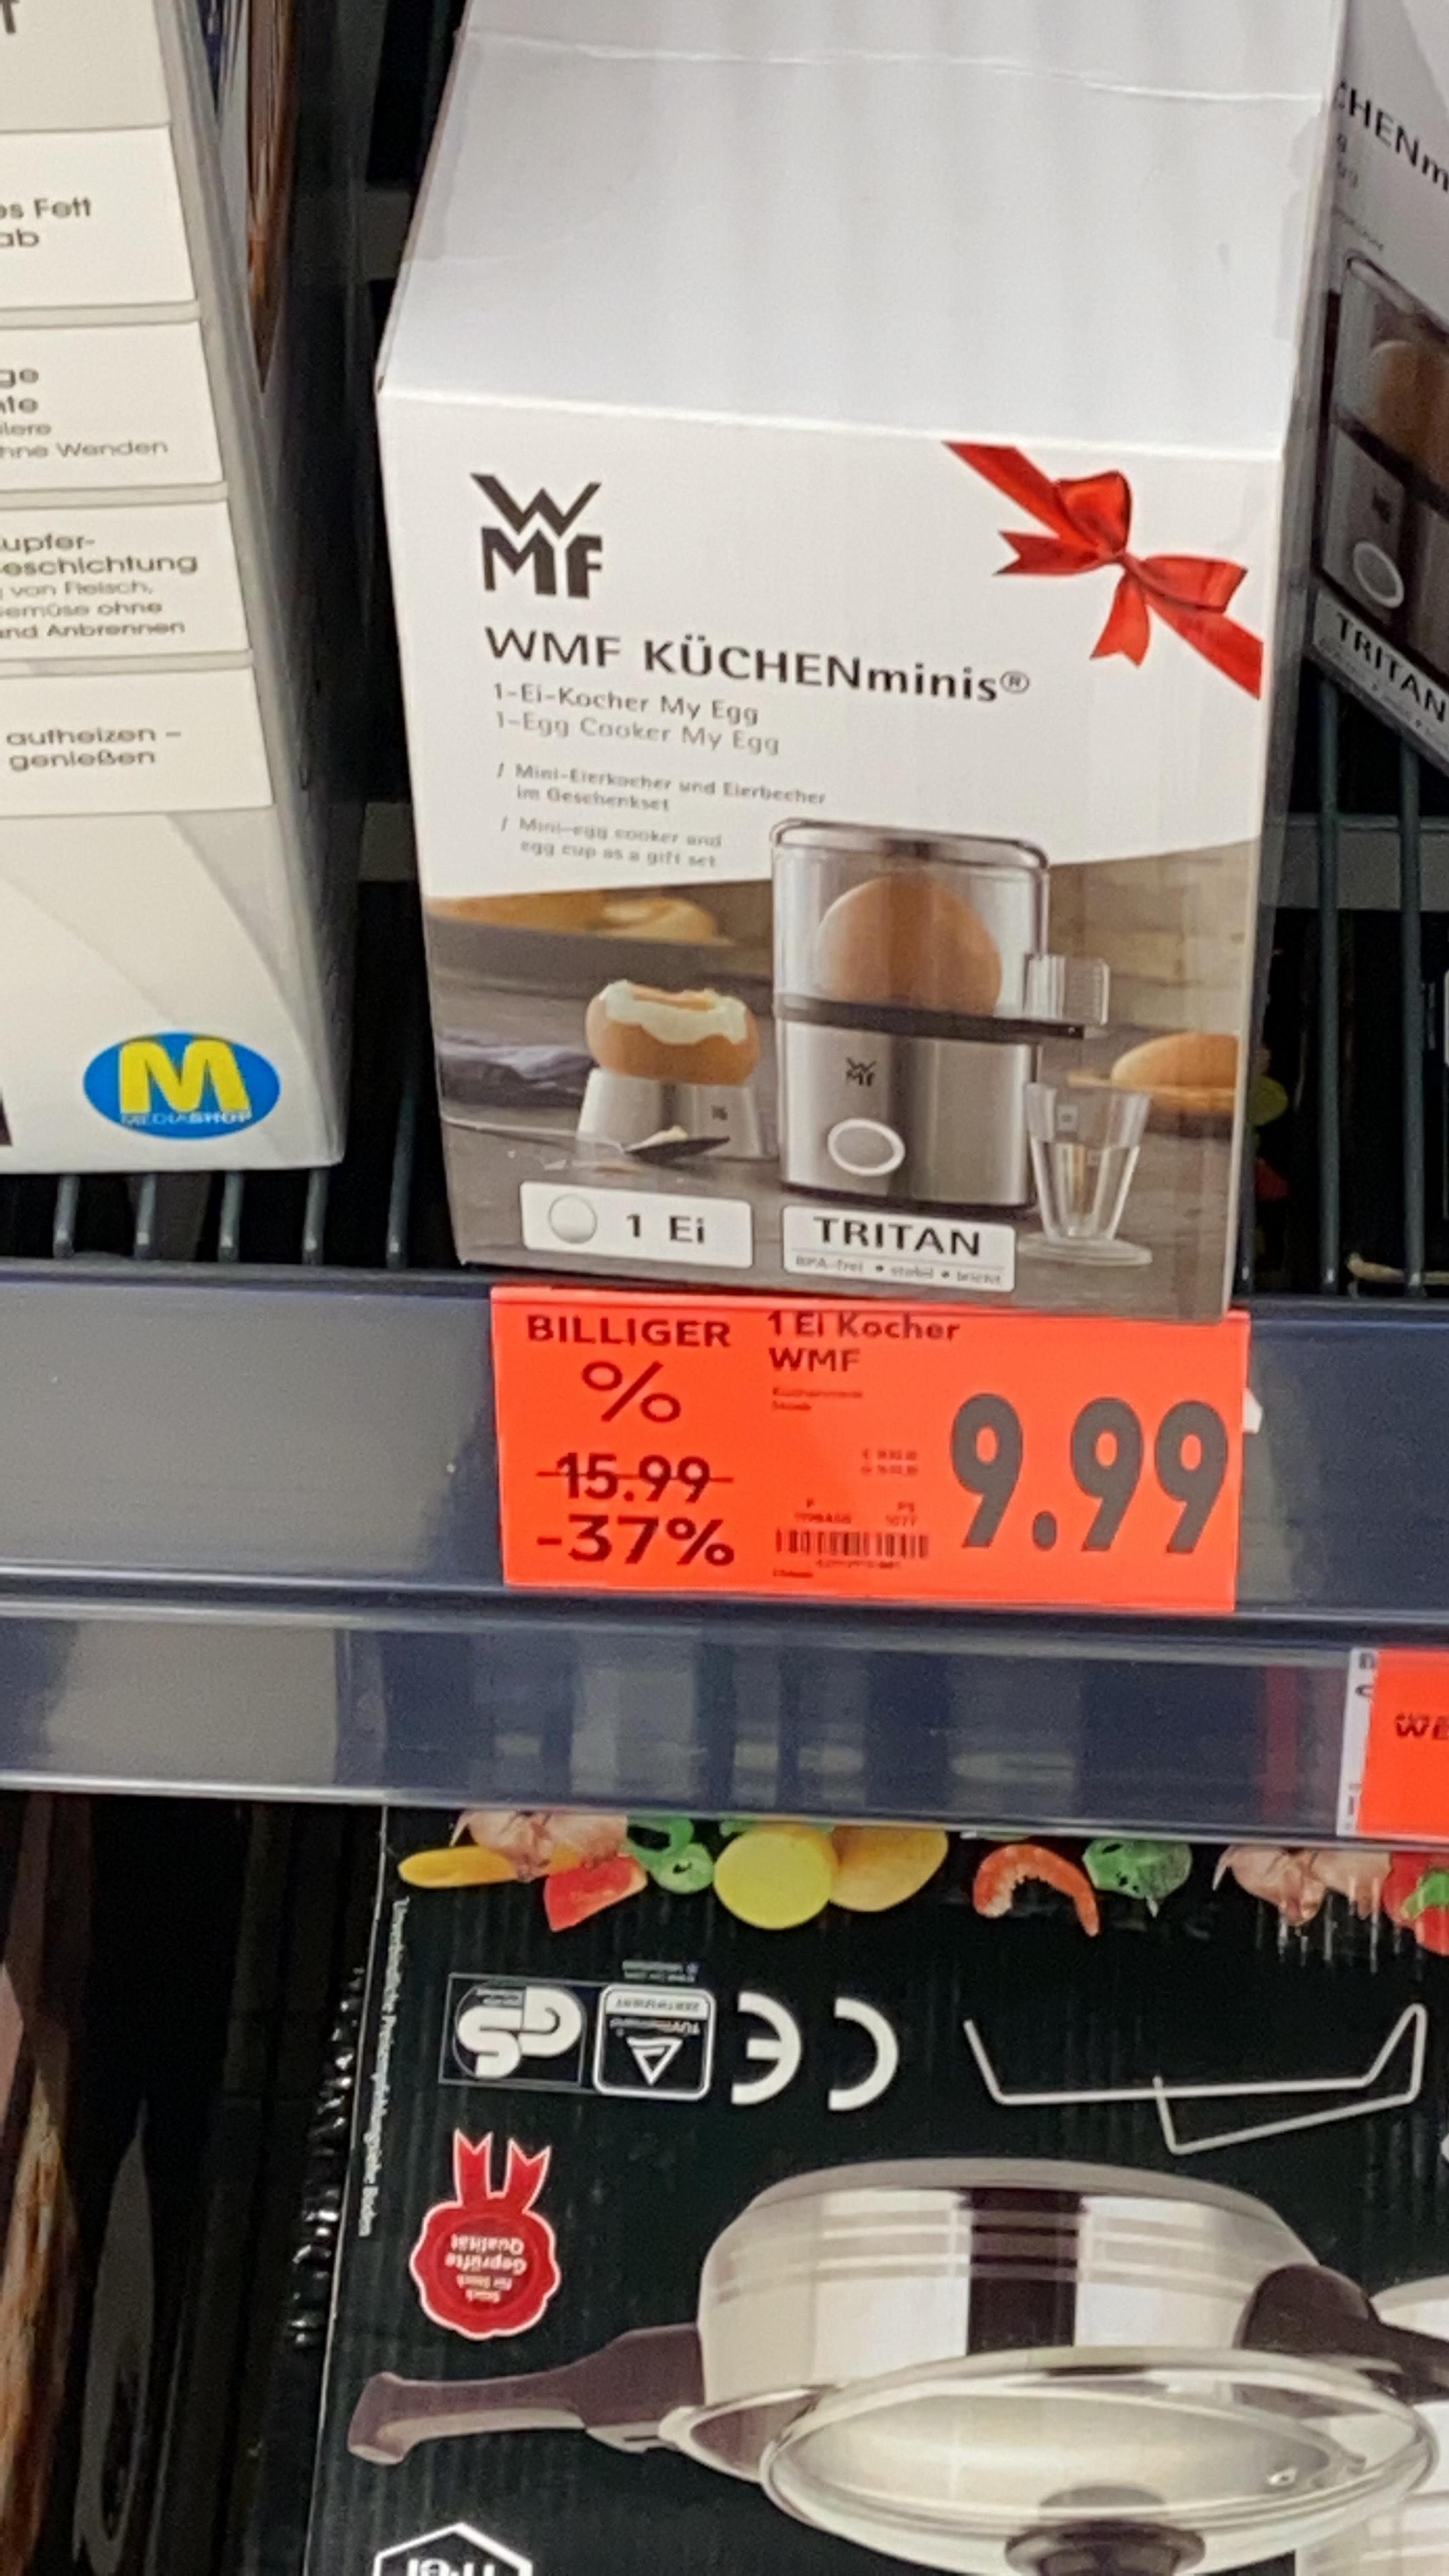 WMF KITcHENminis 1-Ei-Kocher